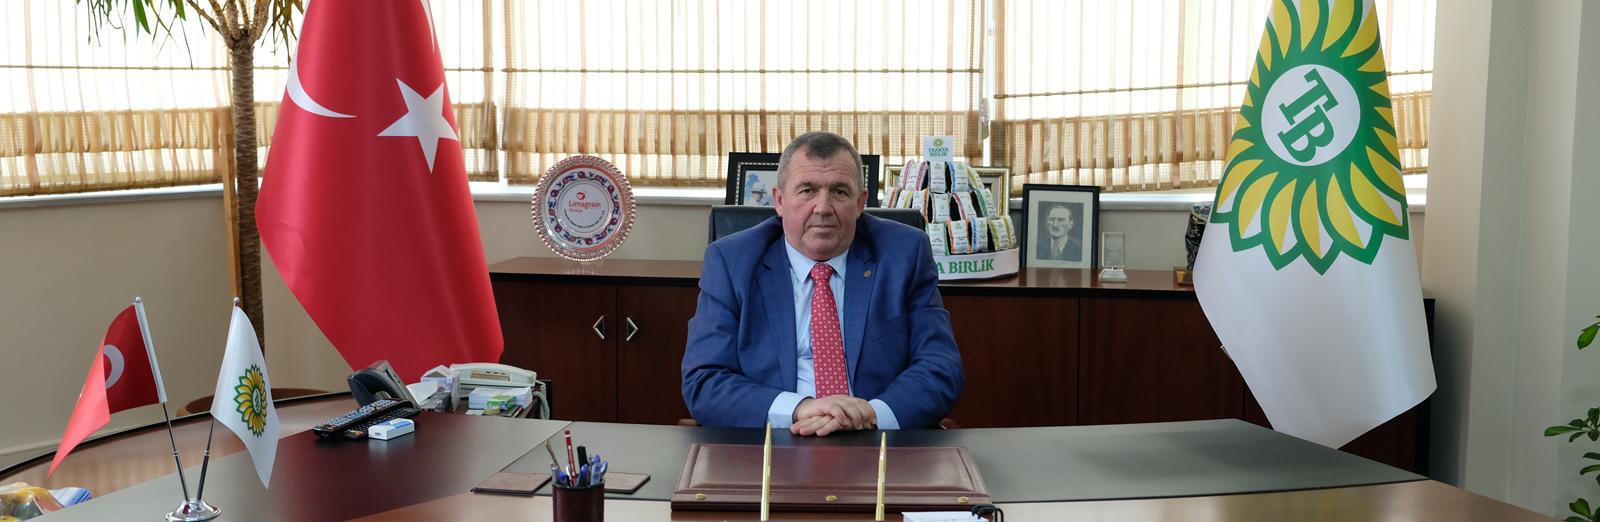 Birliğimiz Yönetim Kurulu Başkanı Ahmet Akgün, Ayçiçek Alımları Ve Fiyatlandırması İle İlgili Açıklamalarda Bulundu